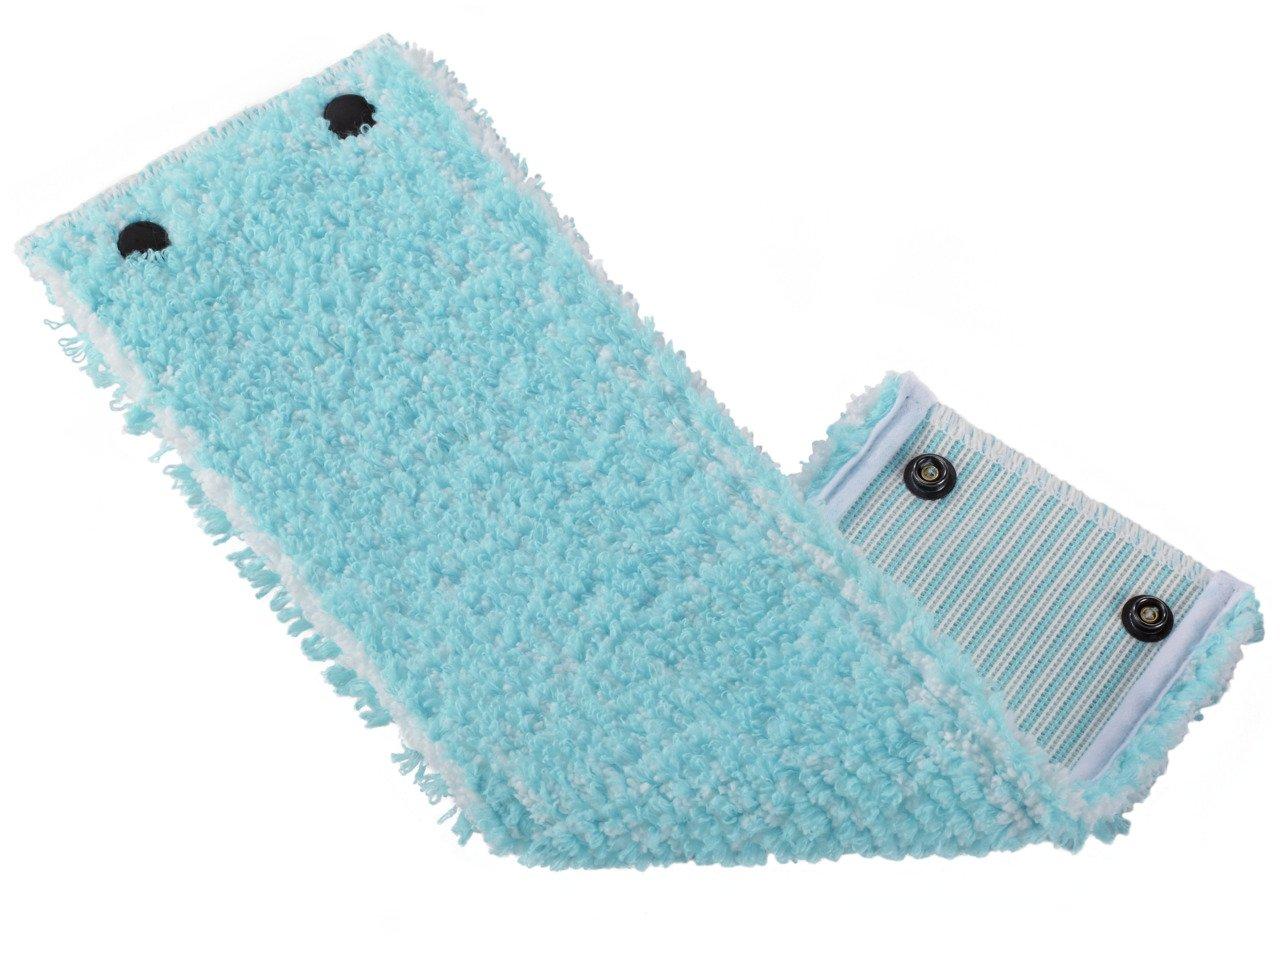 Leifheit 52016 Wischbezug Clean Twist extra soft XL